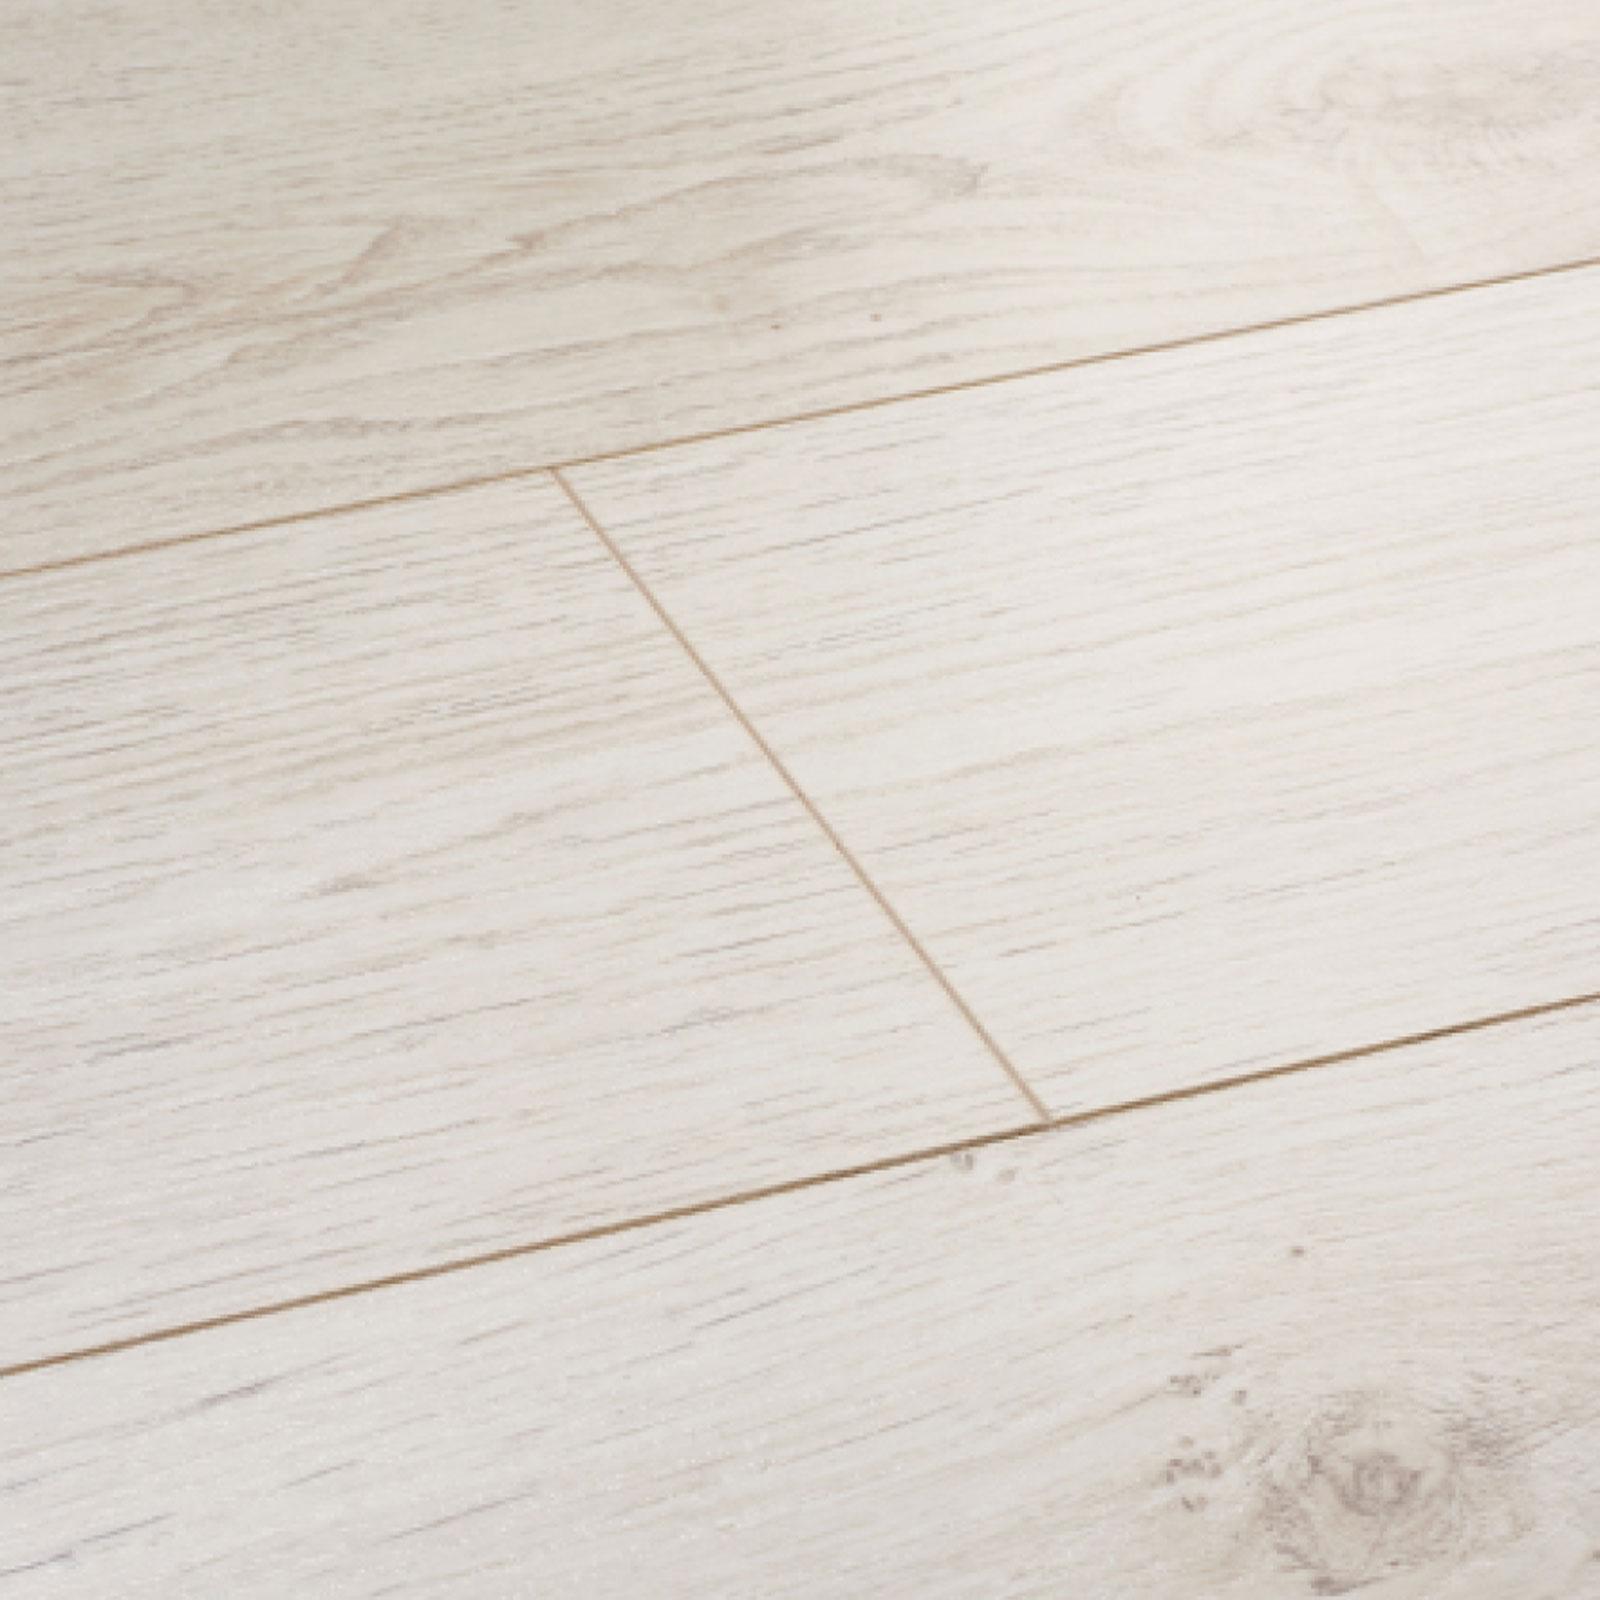 swatch-cropped-wembury-linen-oak-1600.jpg